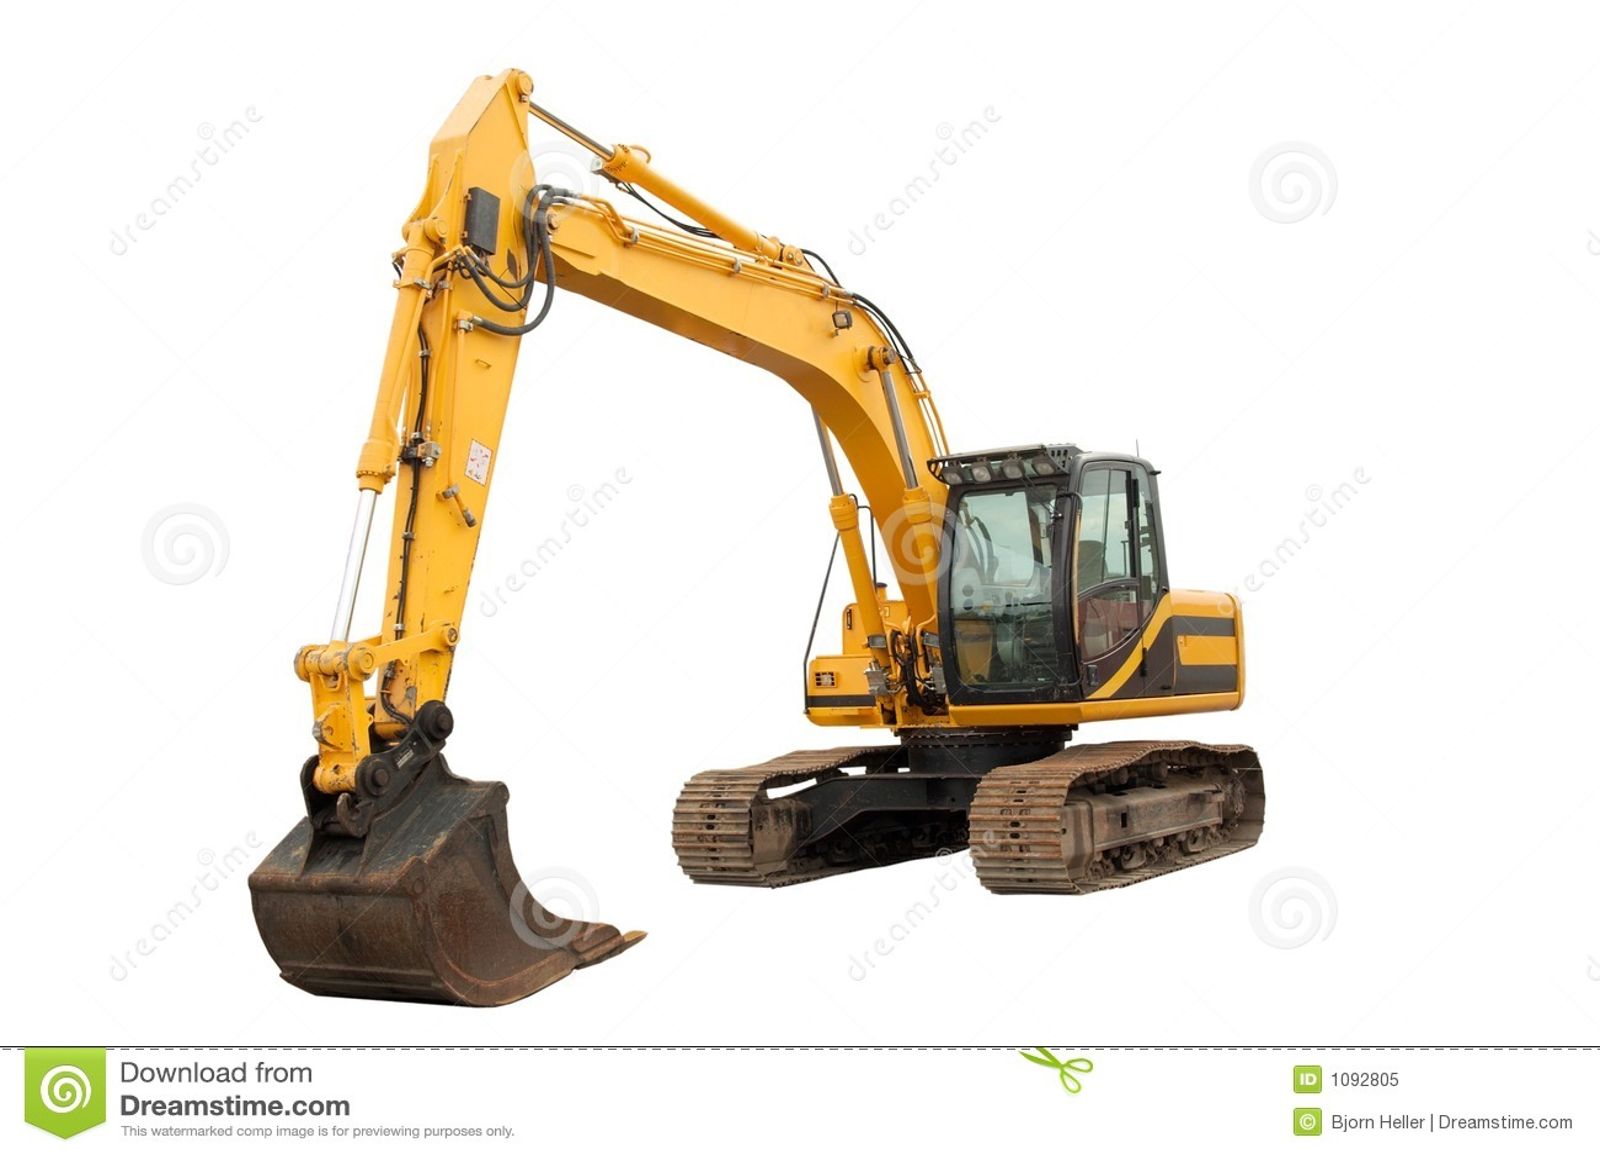 中型挖掘机